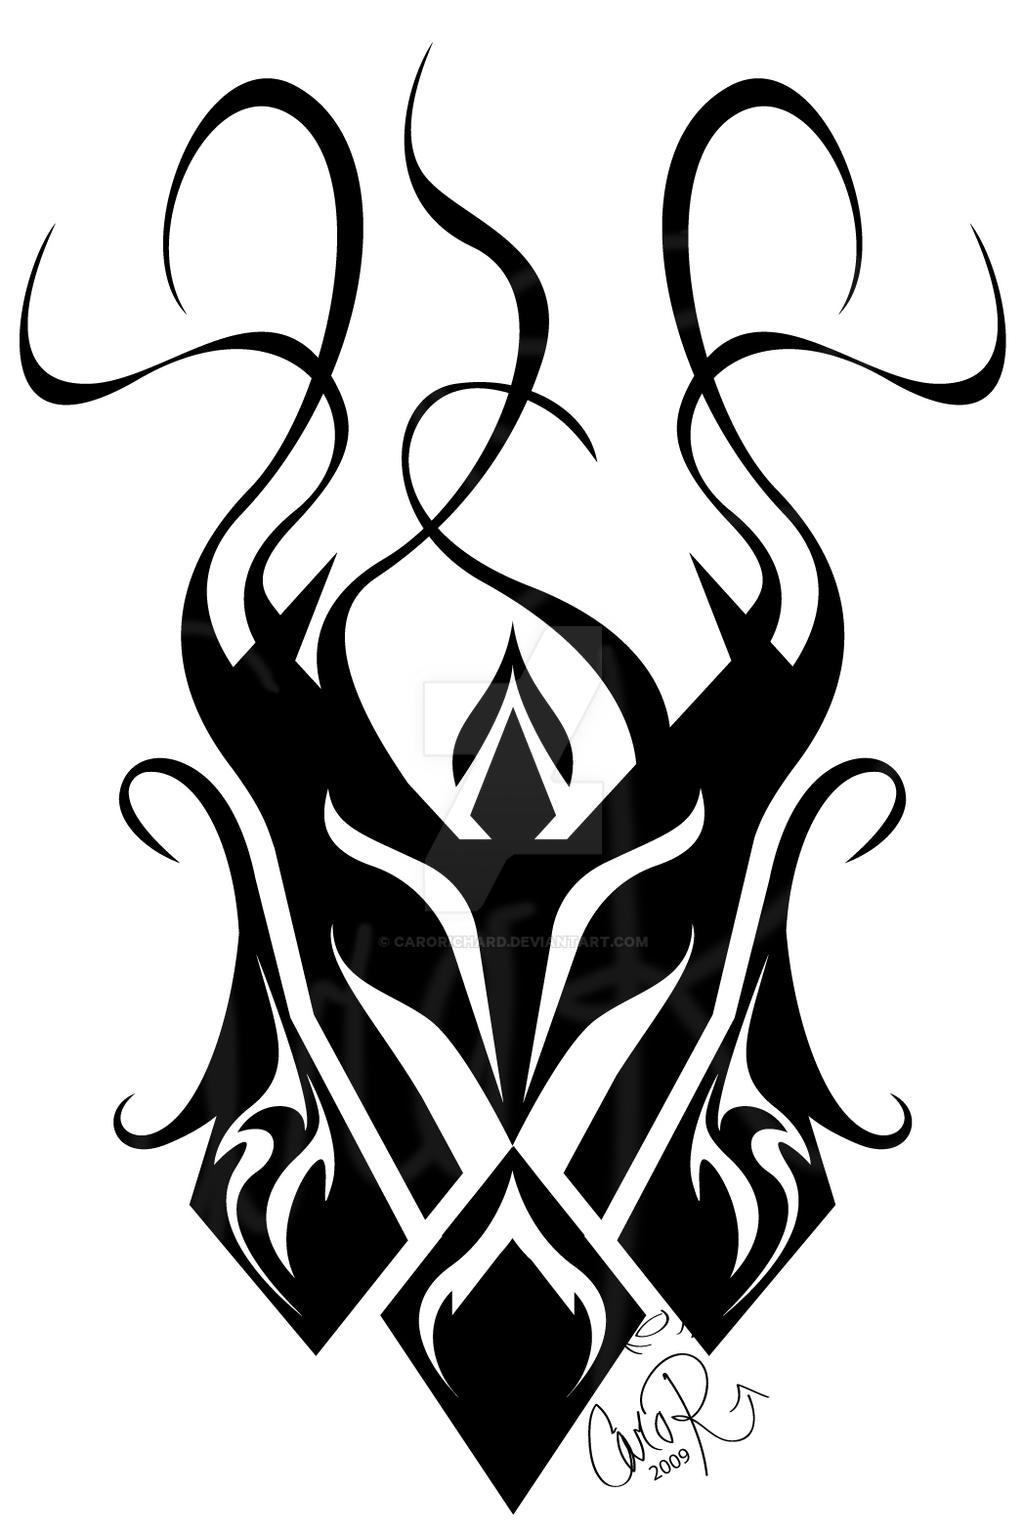 Another transformer logo by CaroRichard on DeviantArt